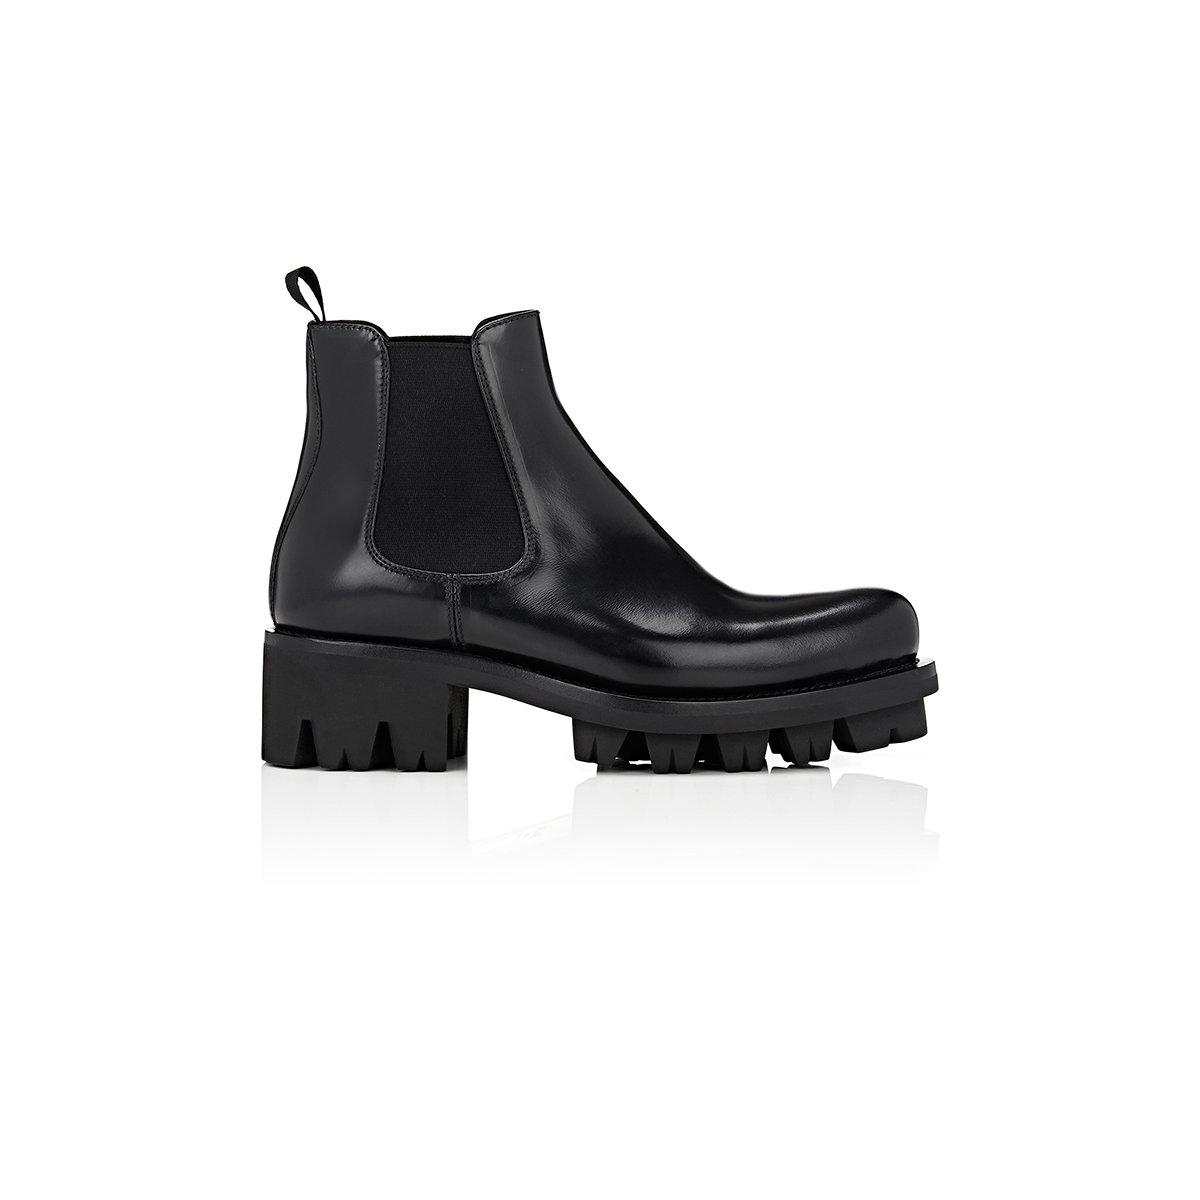 5a466a1617bf Lyst - Prada Lug in Black